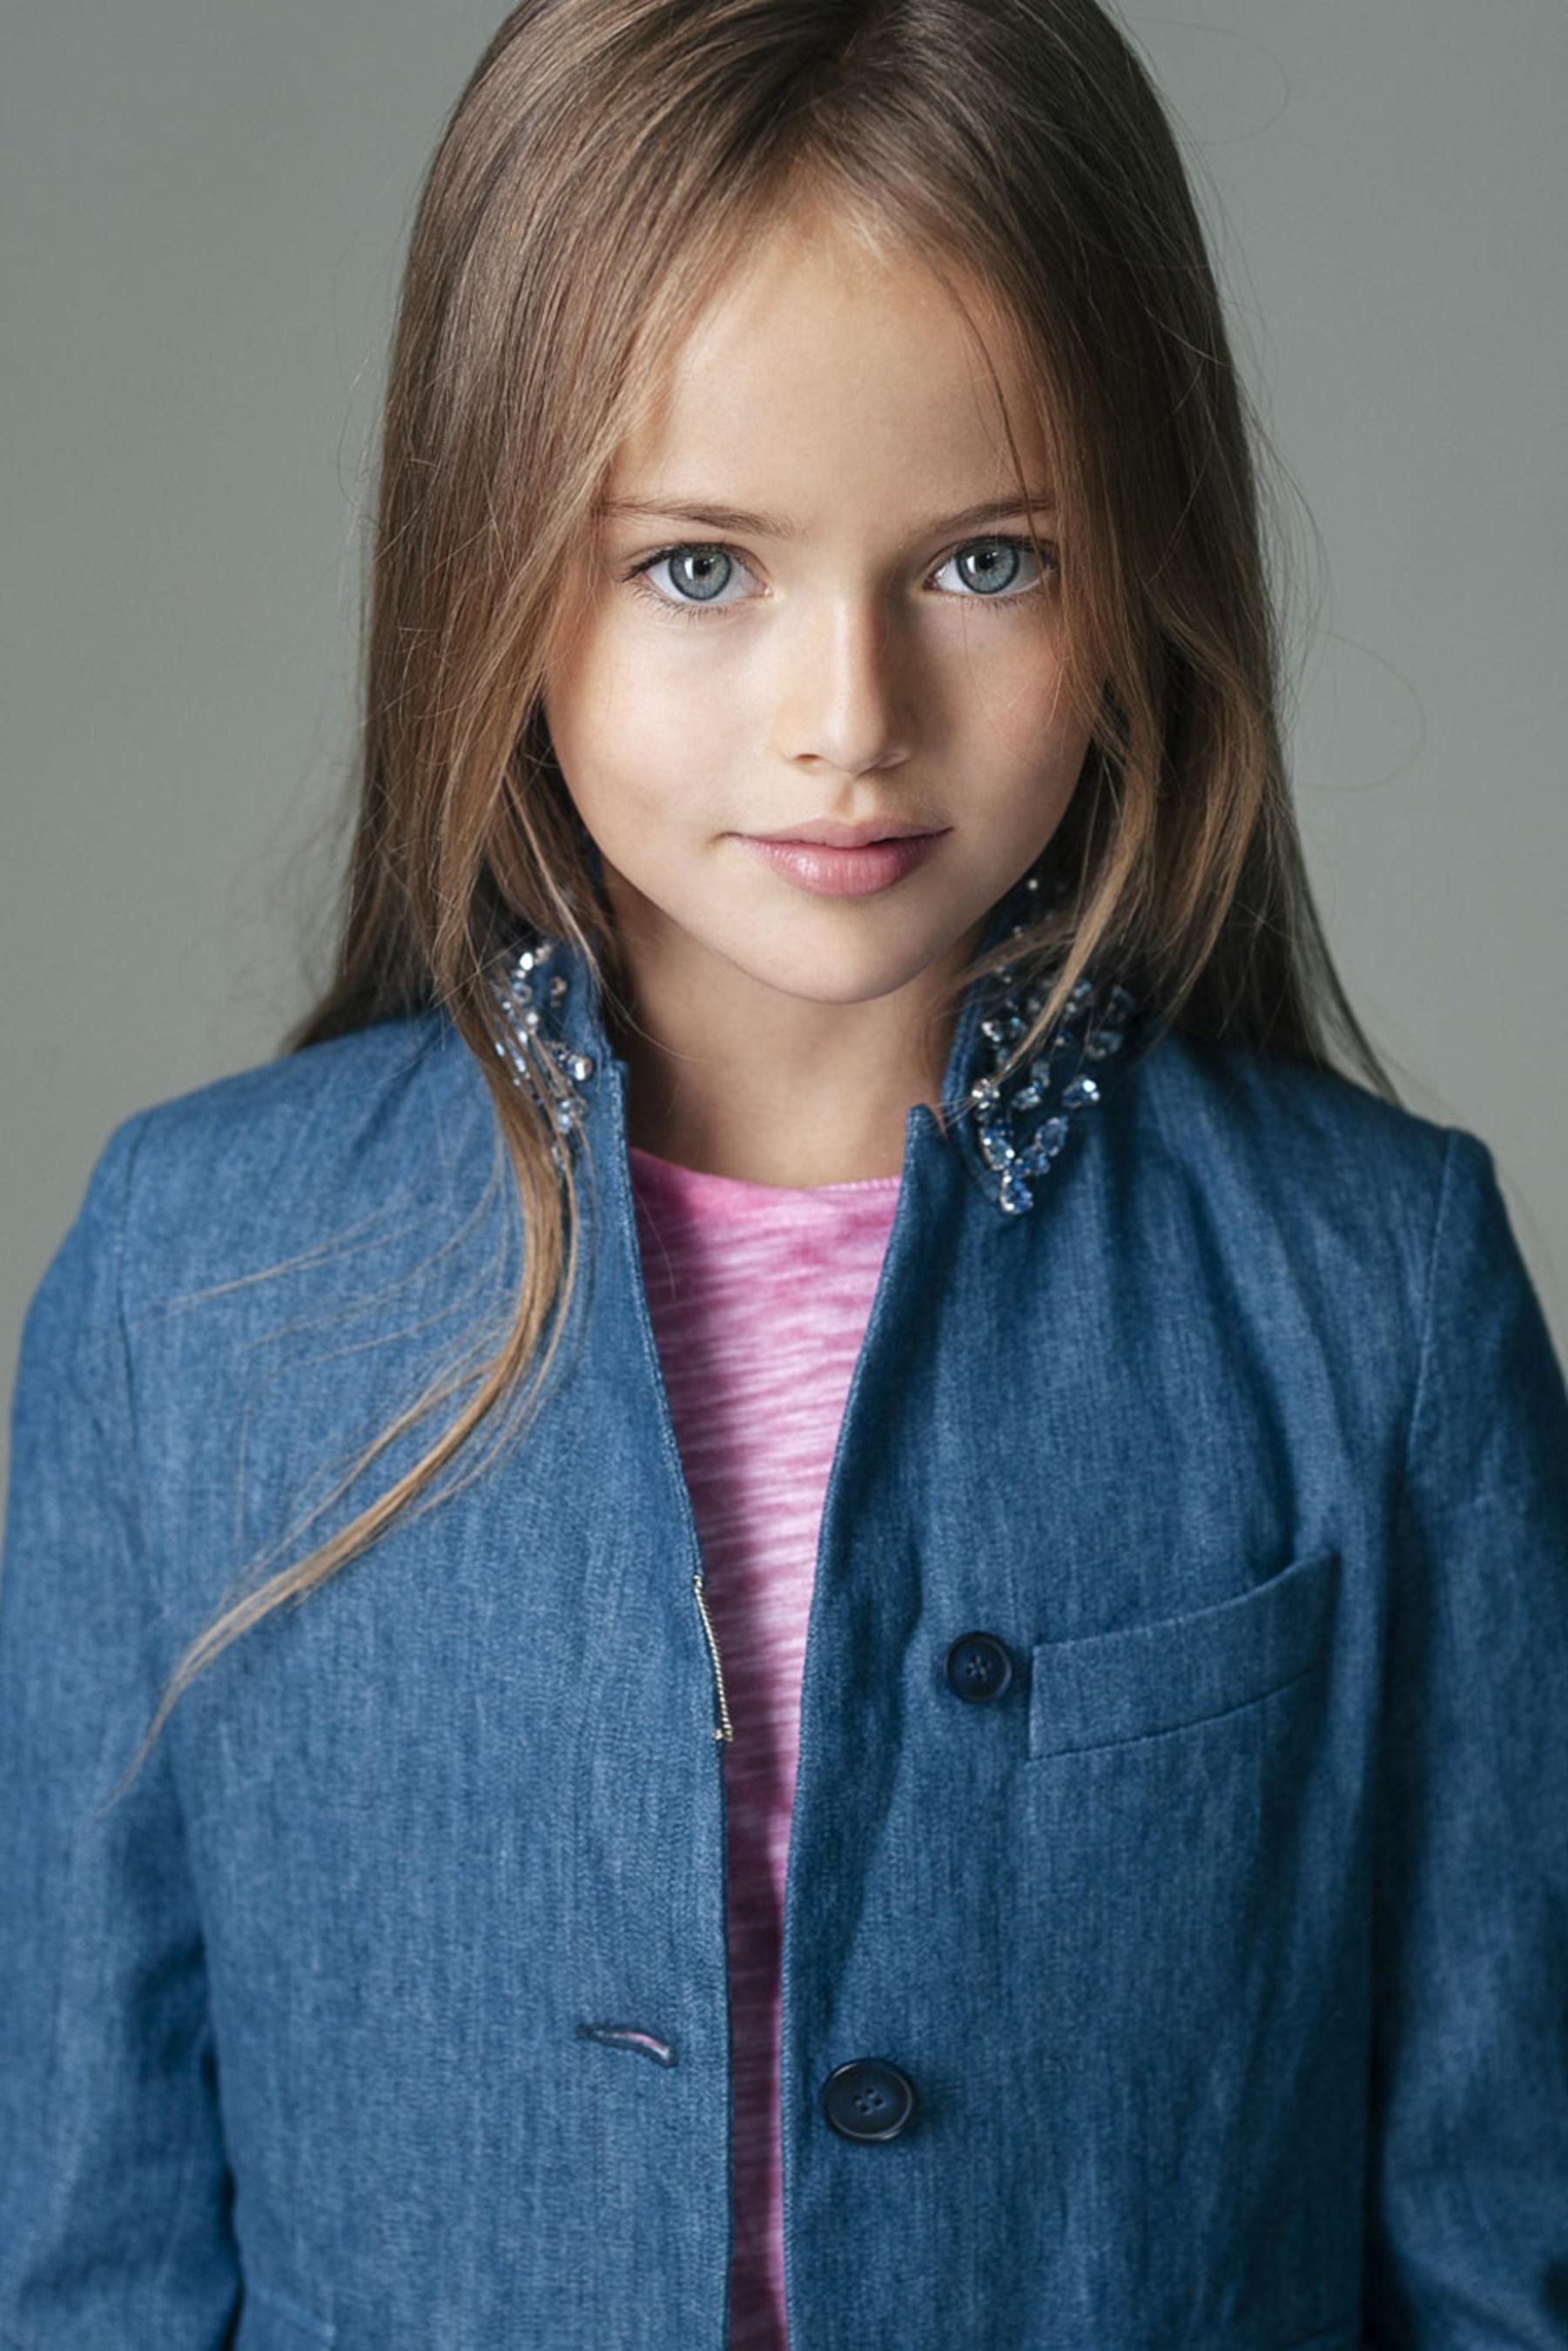 Kristina Pimenova: Bernard P. Wolfsdorf Helps Model Kristina Pimenova Become